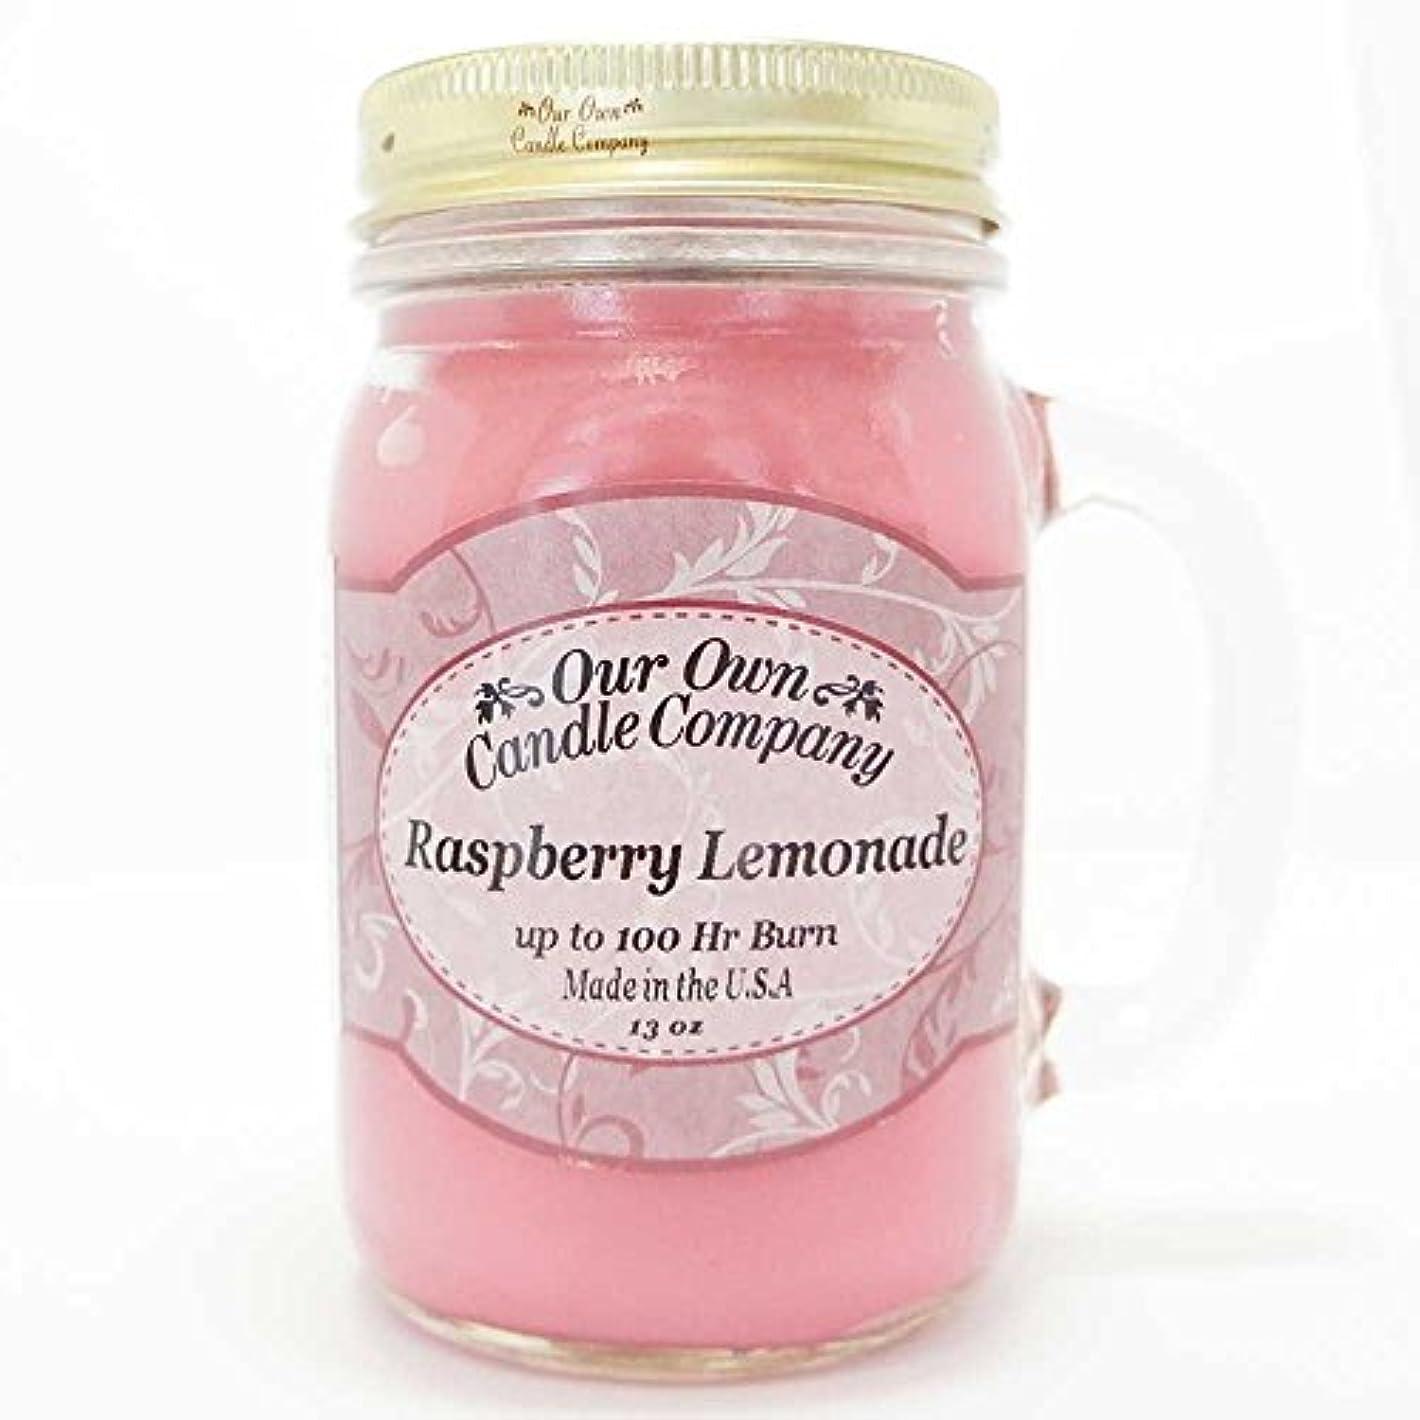 ジャンル労働者蛇行Our Own Candle Company メイソンジャーキャンドル ラージサイズ ラズベリーレモネード OU100096